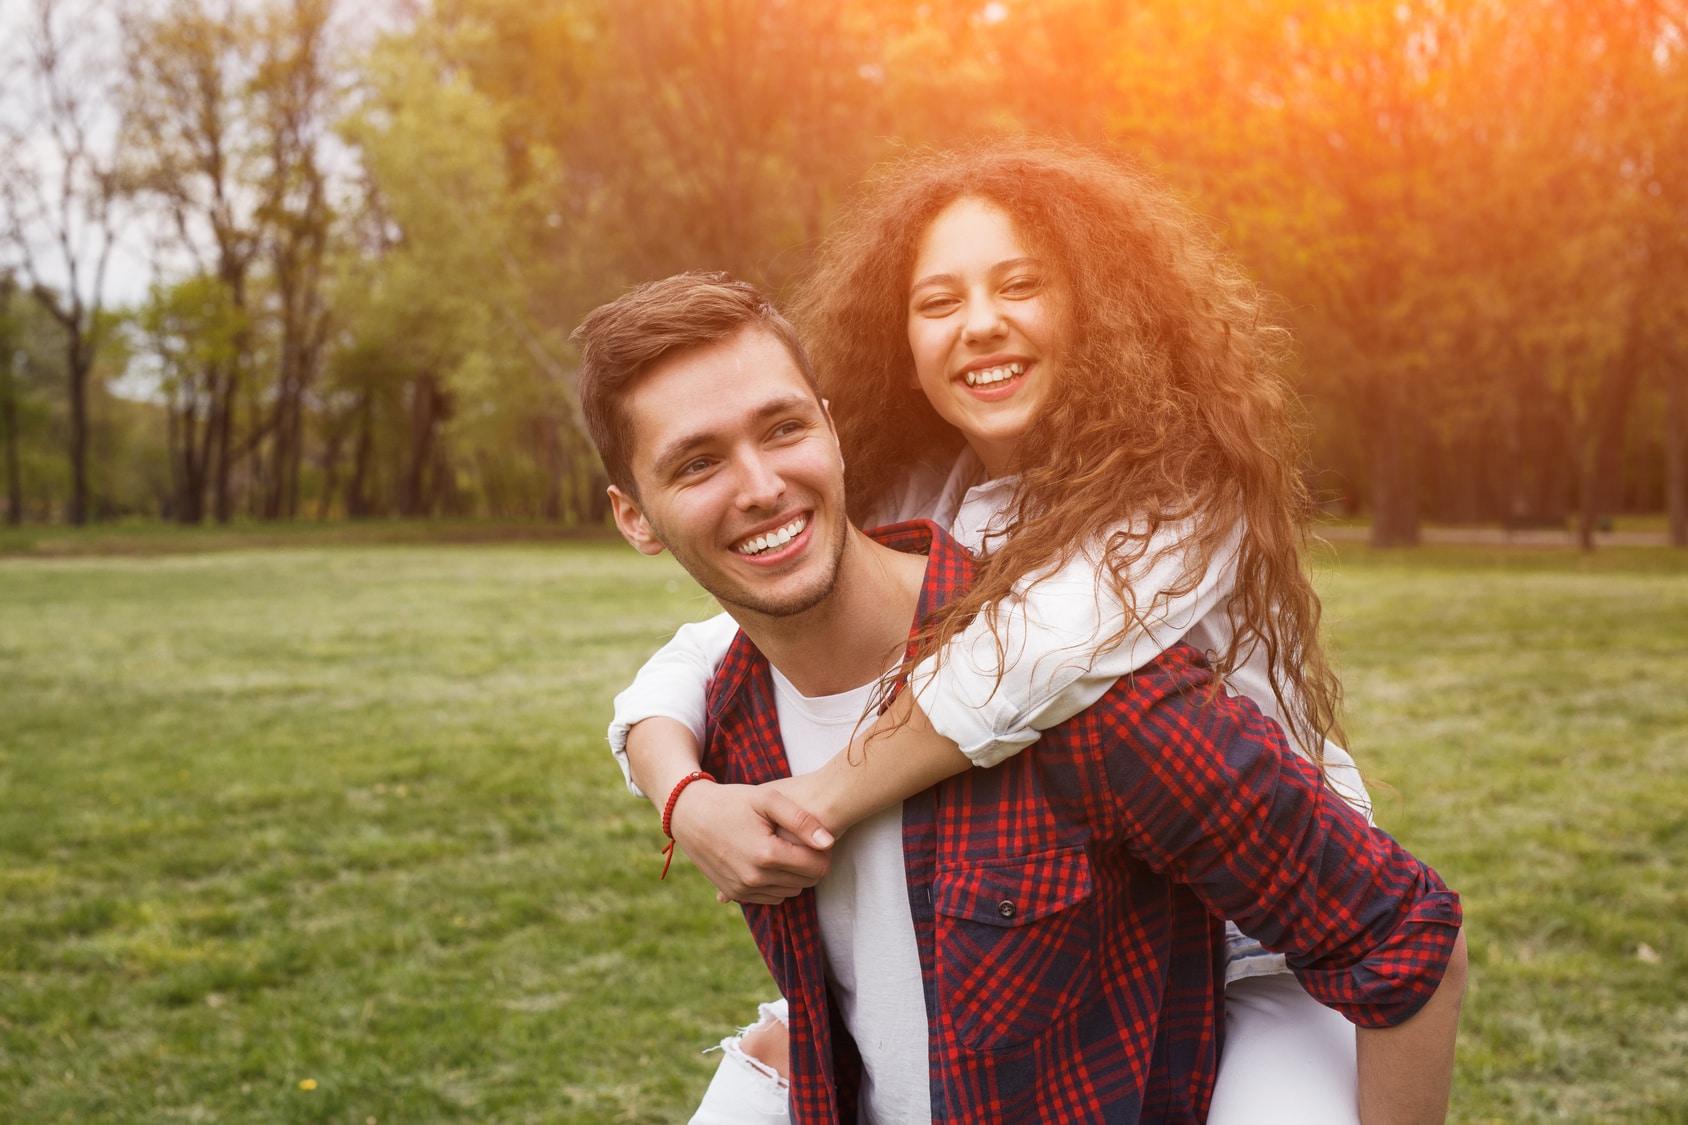 Bruder und Schwester freuen sich und machen einen sehr glücklichen Eindruck. Das Mädchen hat sich auf dem Rücken ihres Bruders eingehängt. Beide strahlen mit Mimik und Gestik ein tolles Selbstbewusstsein aus. Im Hintergrund ist eine grüne Wiese mit einer kleinen Waldlichtung. Sie hat sehr lange braune gelockte Haare und der Junge hat einen Mittellangen Haarschnitt, welcher zur rechten Seite gebürstet ist. Der Junge ist mit einem Karohemd rot / schwarz bekleidet. Das Mädchen trägt eine weisse Windjacke und weisse Jeanshose.